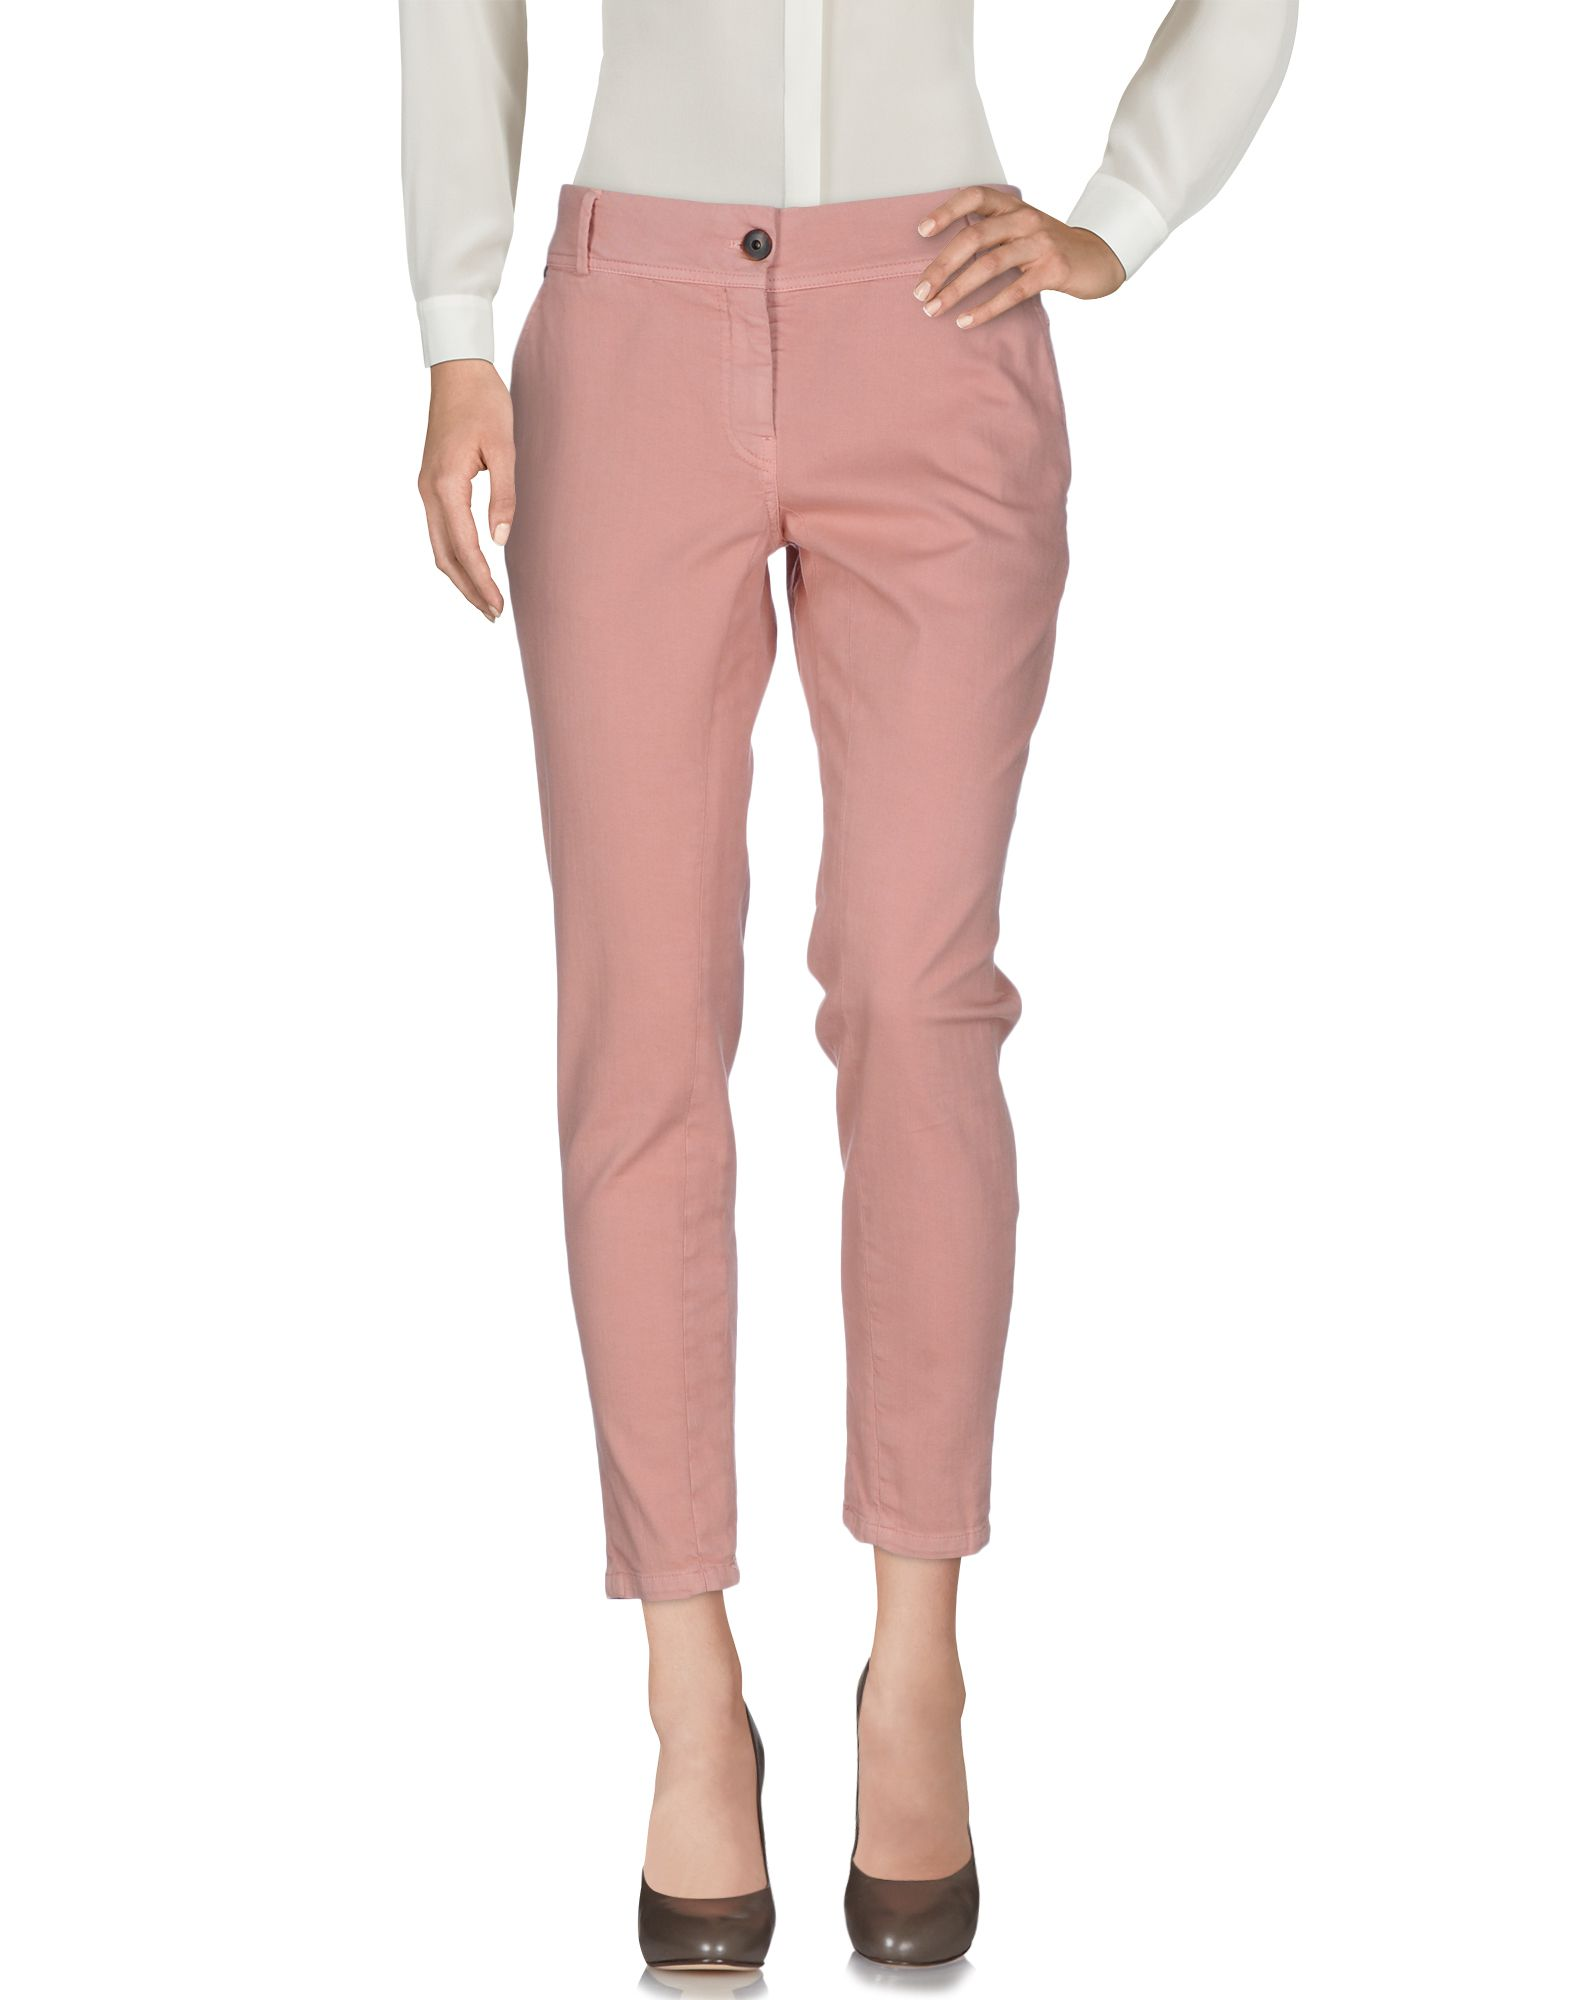 BRUNELLO CUCINELLI Damen Hose Farbe Rosa Größe 6 jetztbilligerkaufen